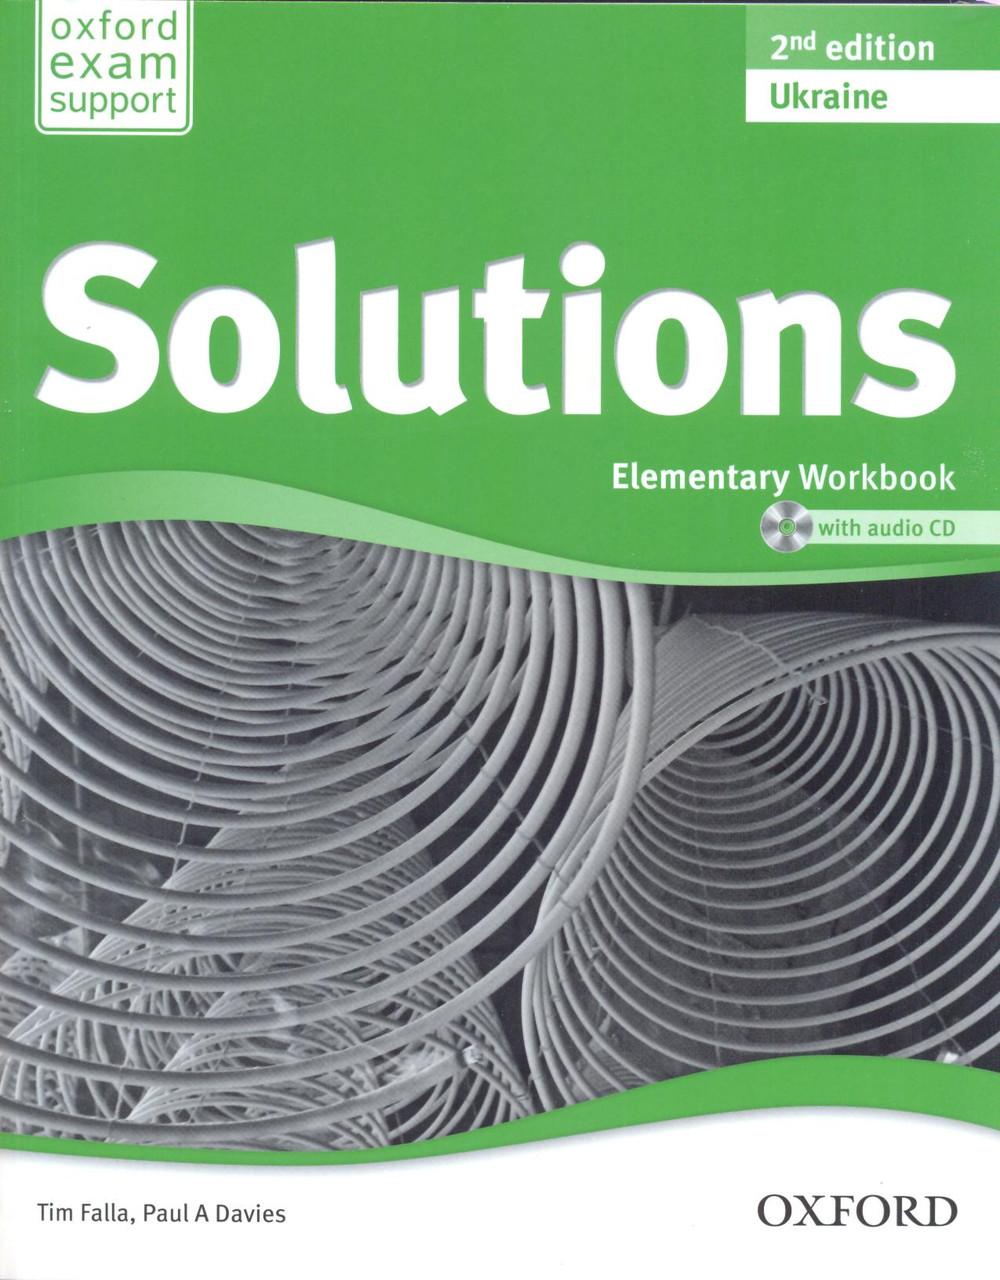 гдз по английскому учебник solutions, oxford